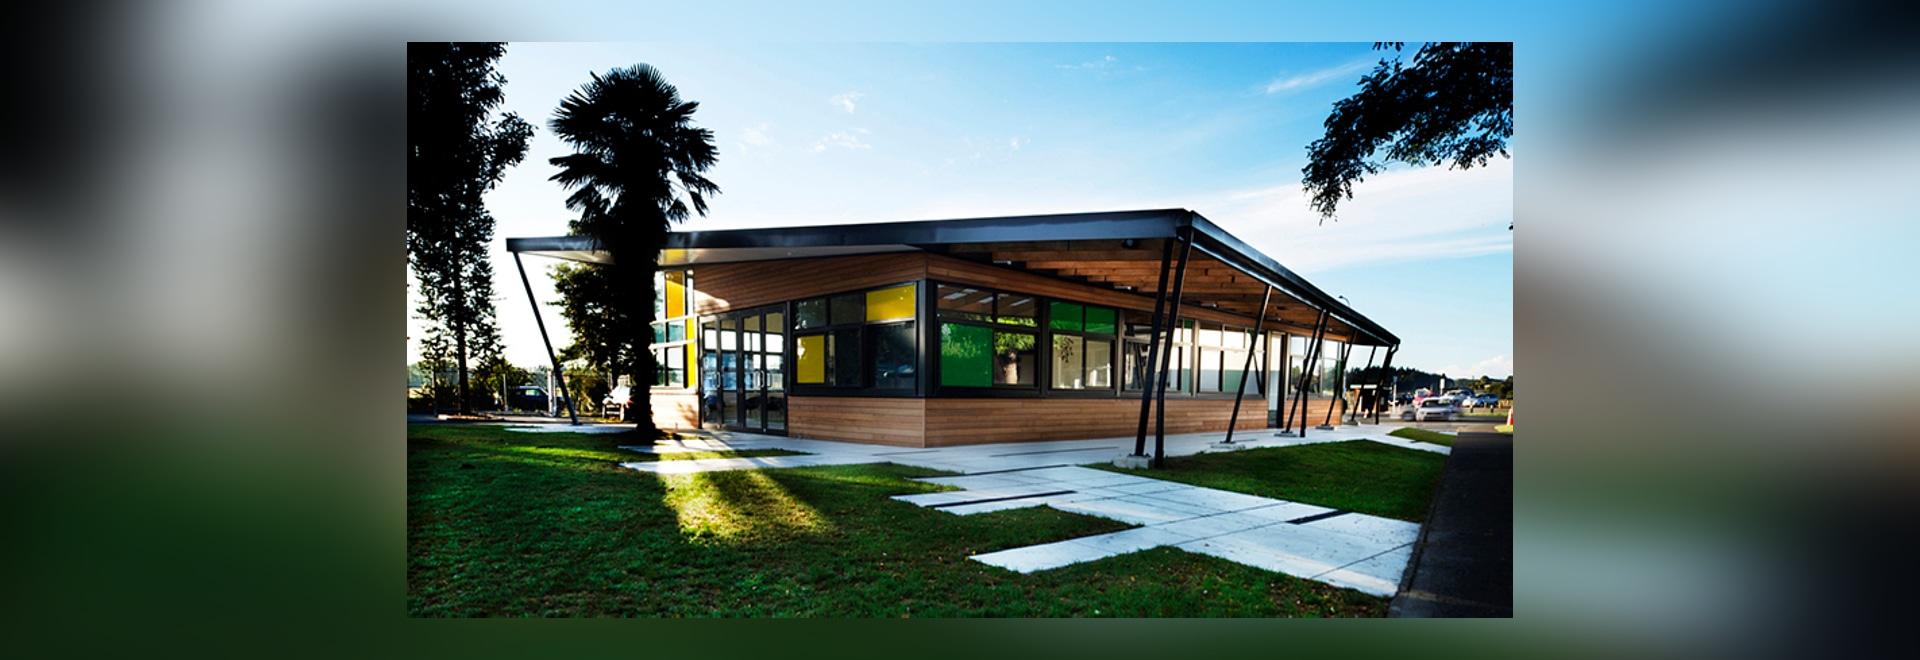 el stephenson y Turner re-se imaginan el edificio del admin de la escuela primaria en Auckland